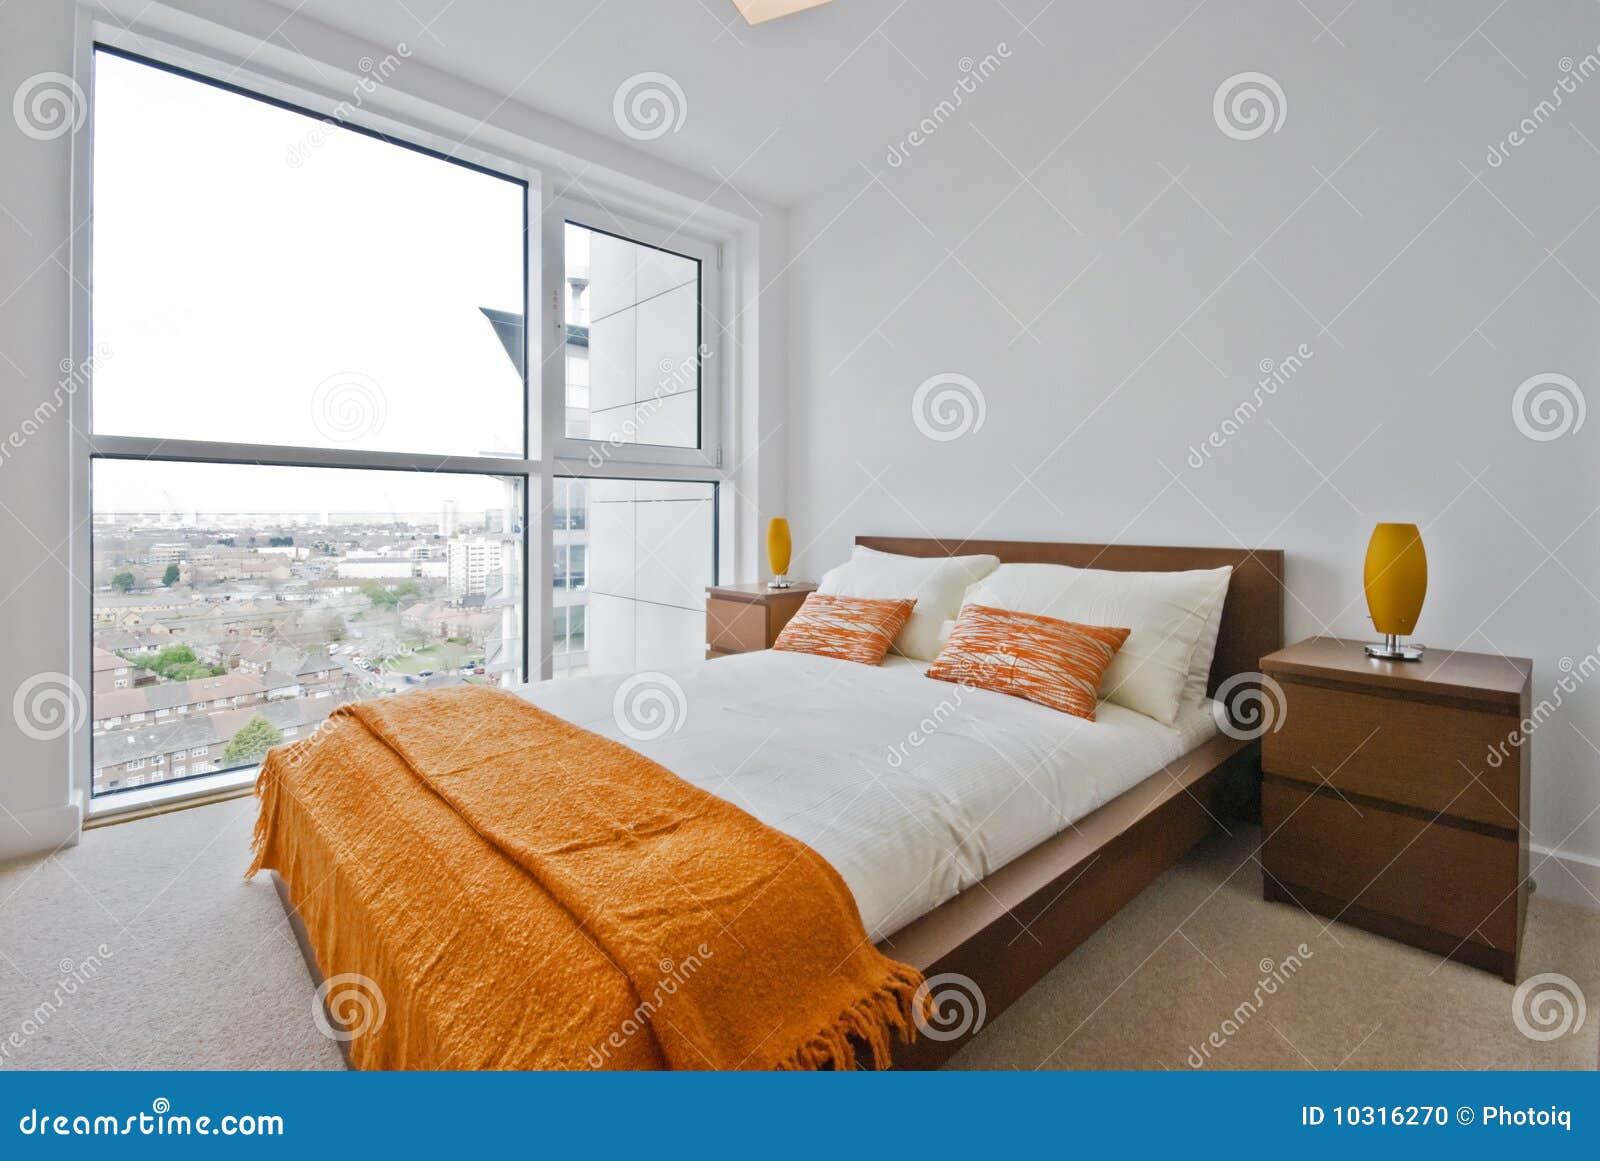 Camera da letto con il pavimento alle finestre del - Insetti camera da letto ...